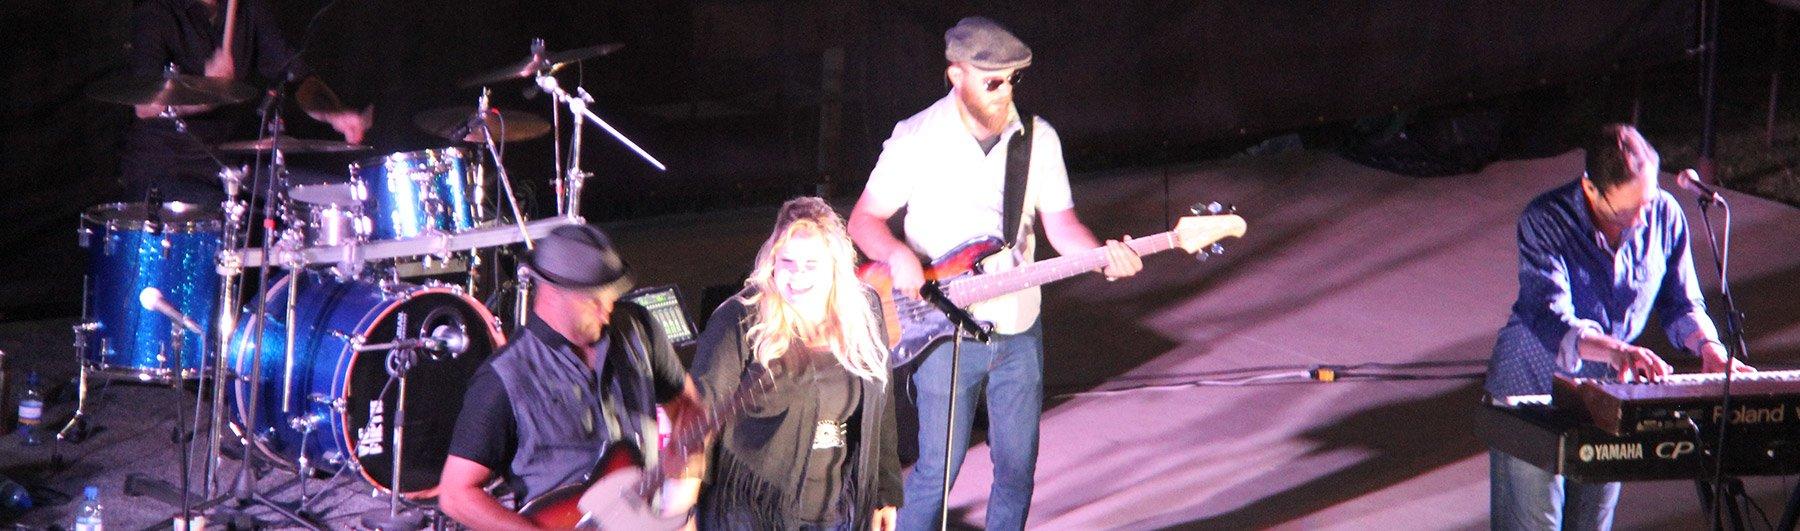 band at fair